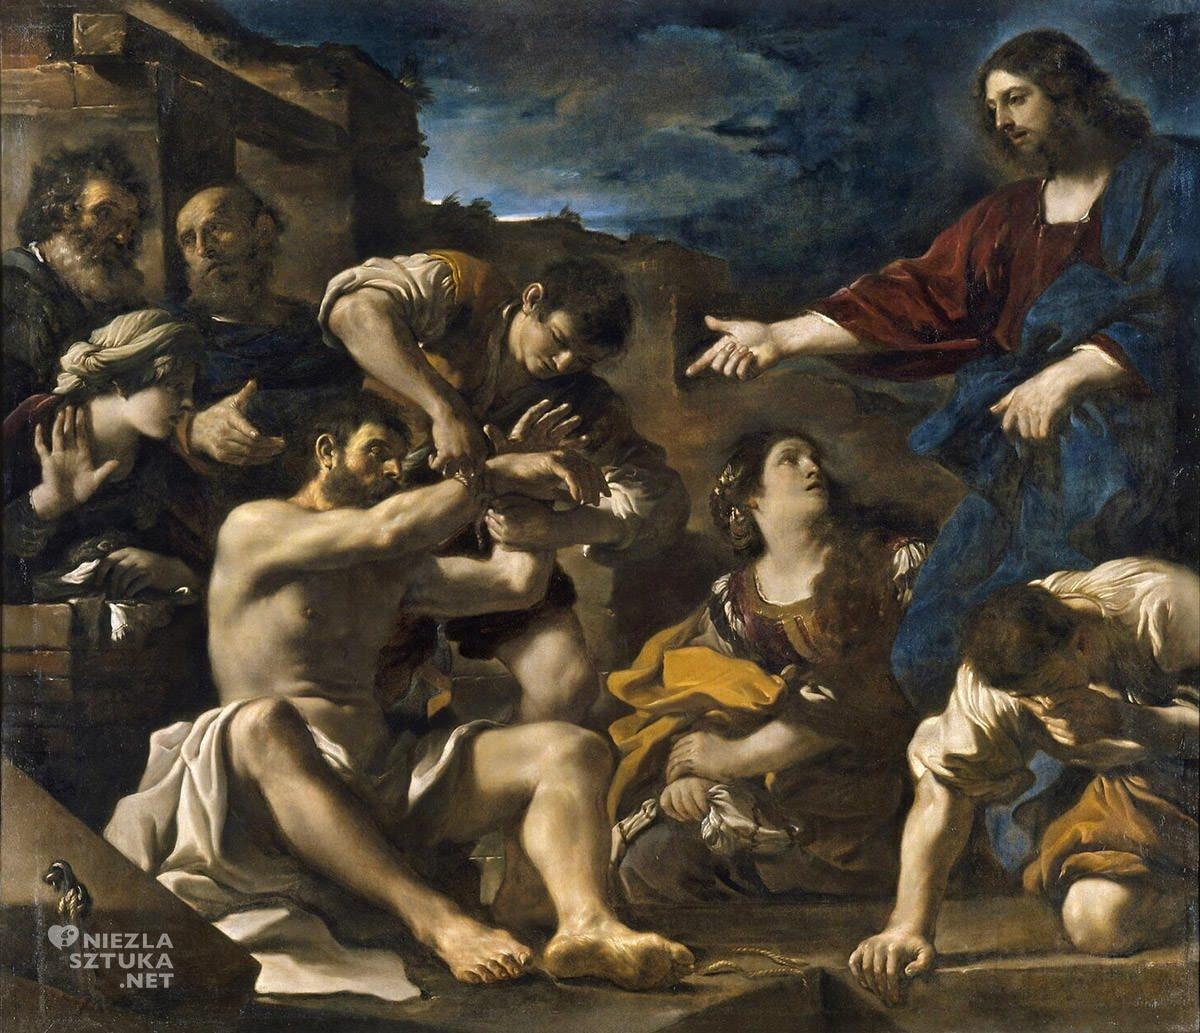 Guercino, wskrzeszenie Łazarza, Giovanni Francesco Barbieri, sztuka włoska, malarstwo włoskie, barok, niezła sztuka